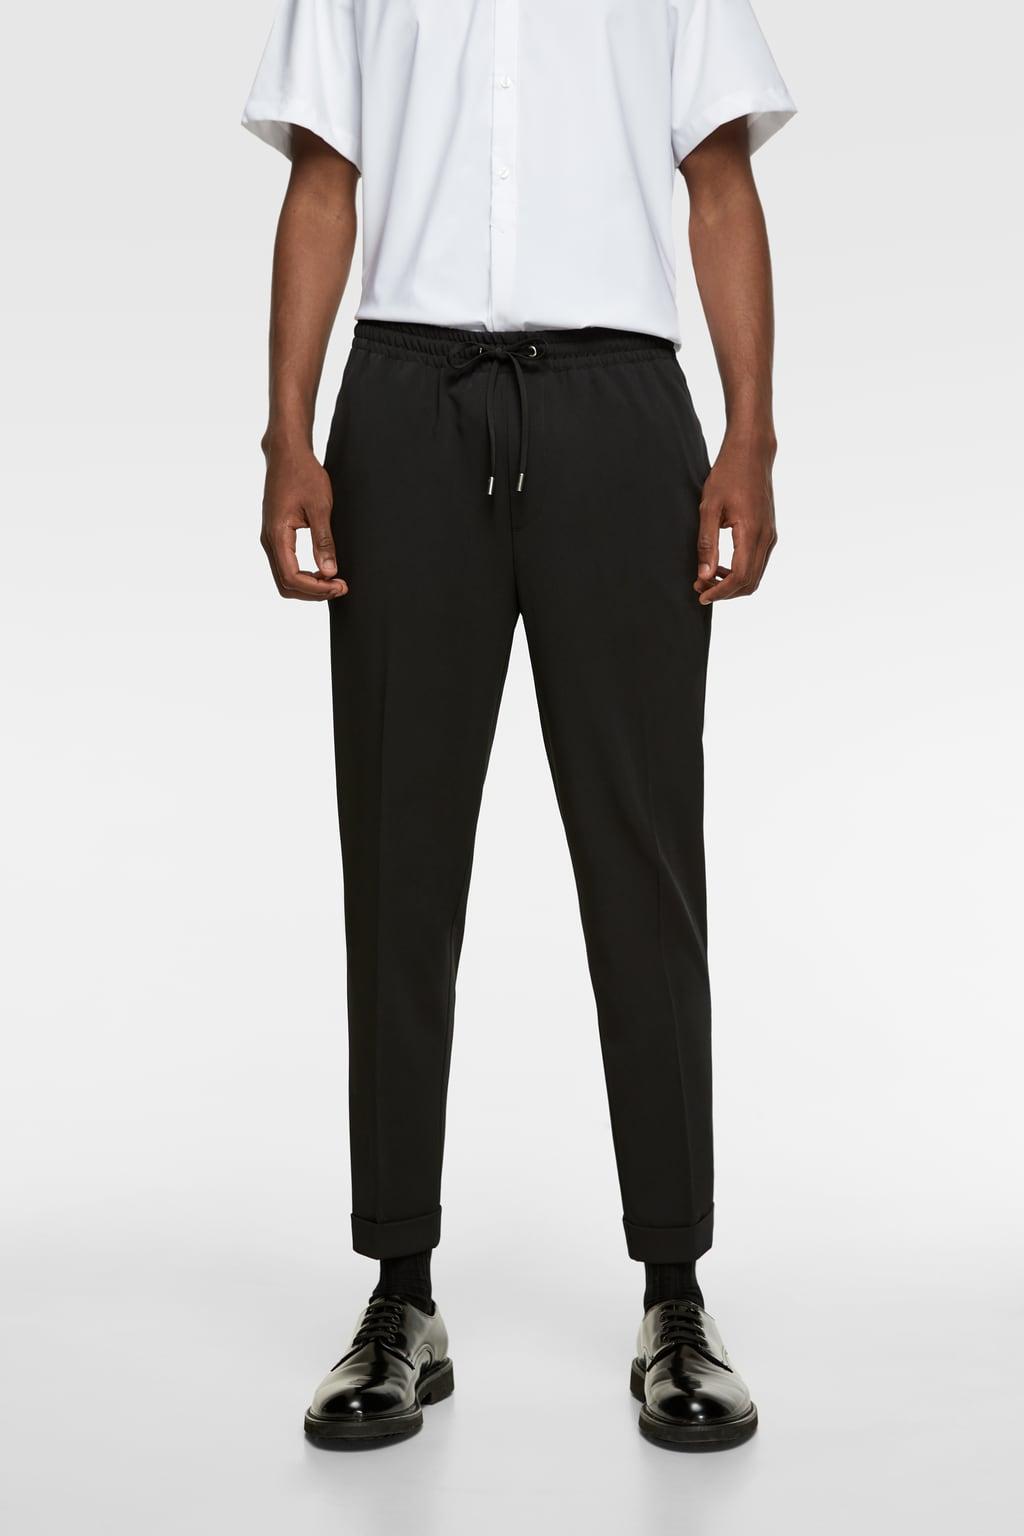 Spijker Joggingbroek Heren.Heren Broeken Nieuwe Collectie Online Zara Nederland